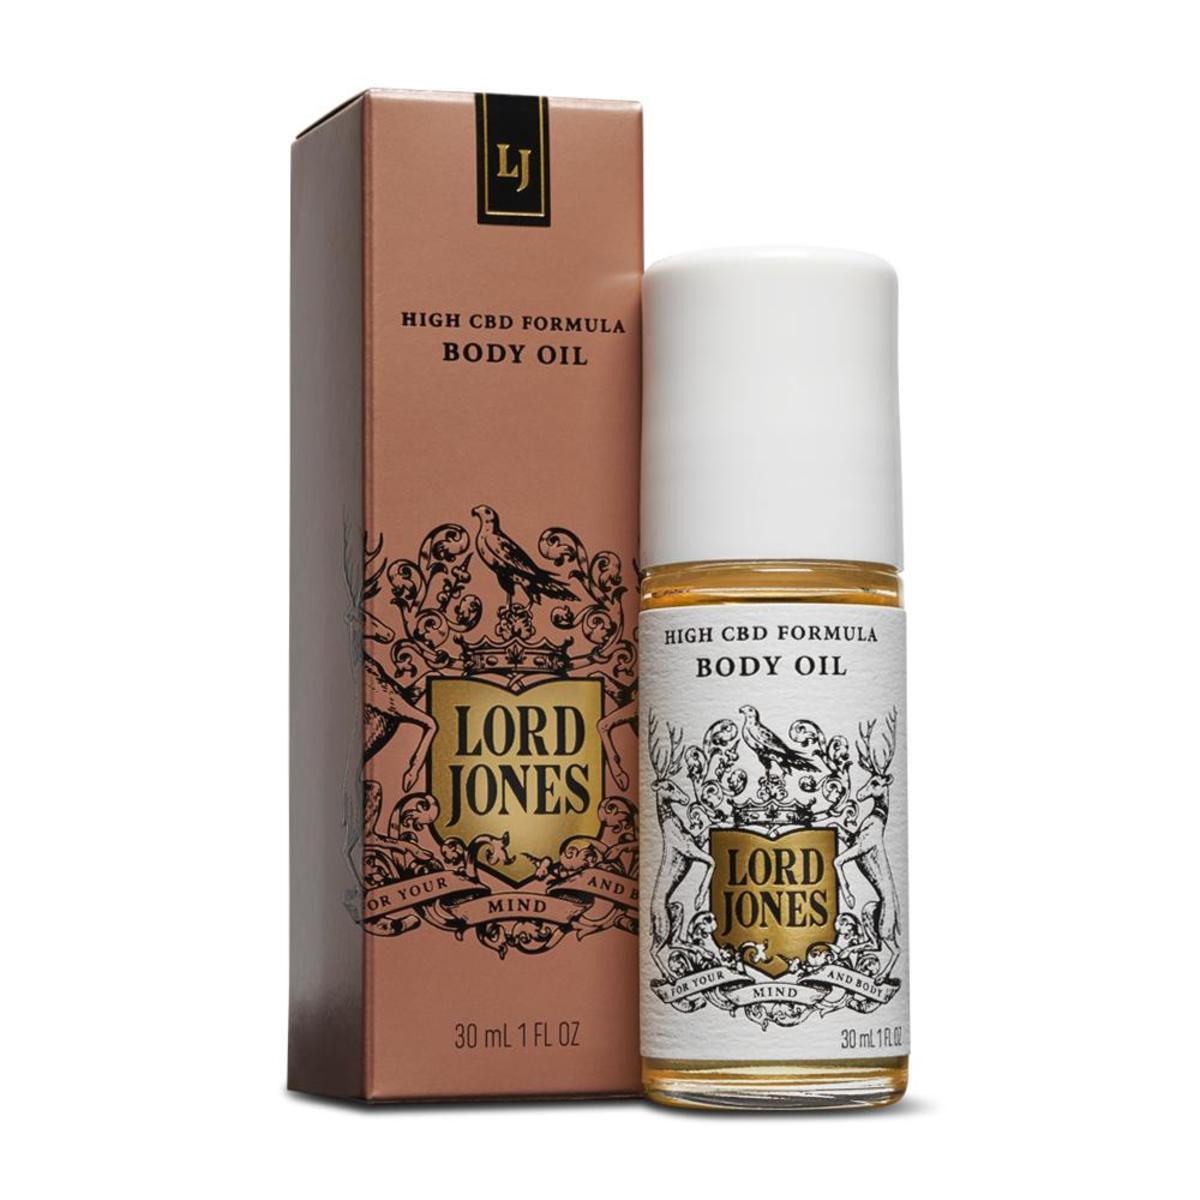 Lord Jones High CBD Formula Body Oil, $ 75, hier beschikbaar. Foto: Hoffelijkheid van Lord Jones